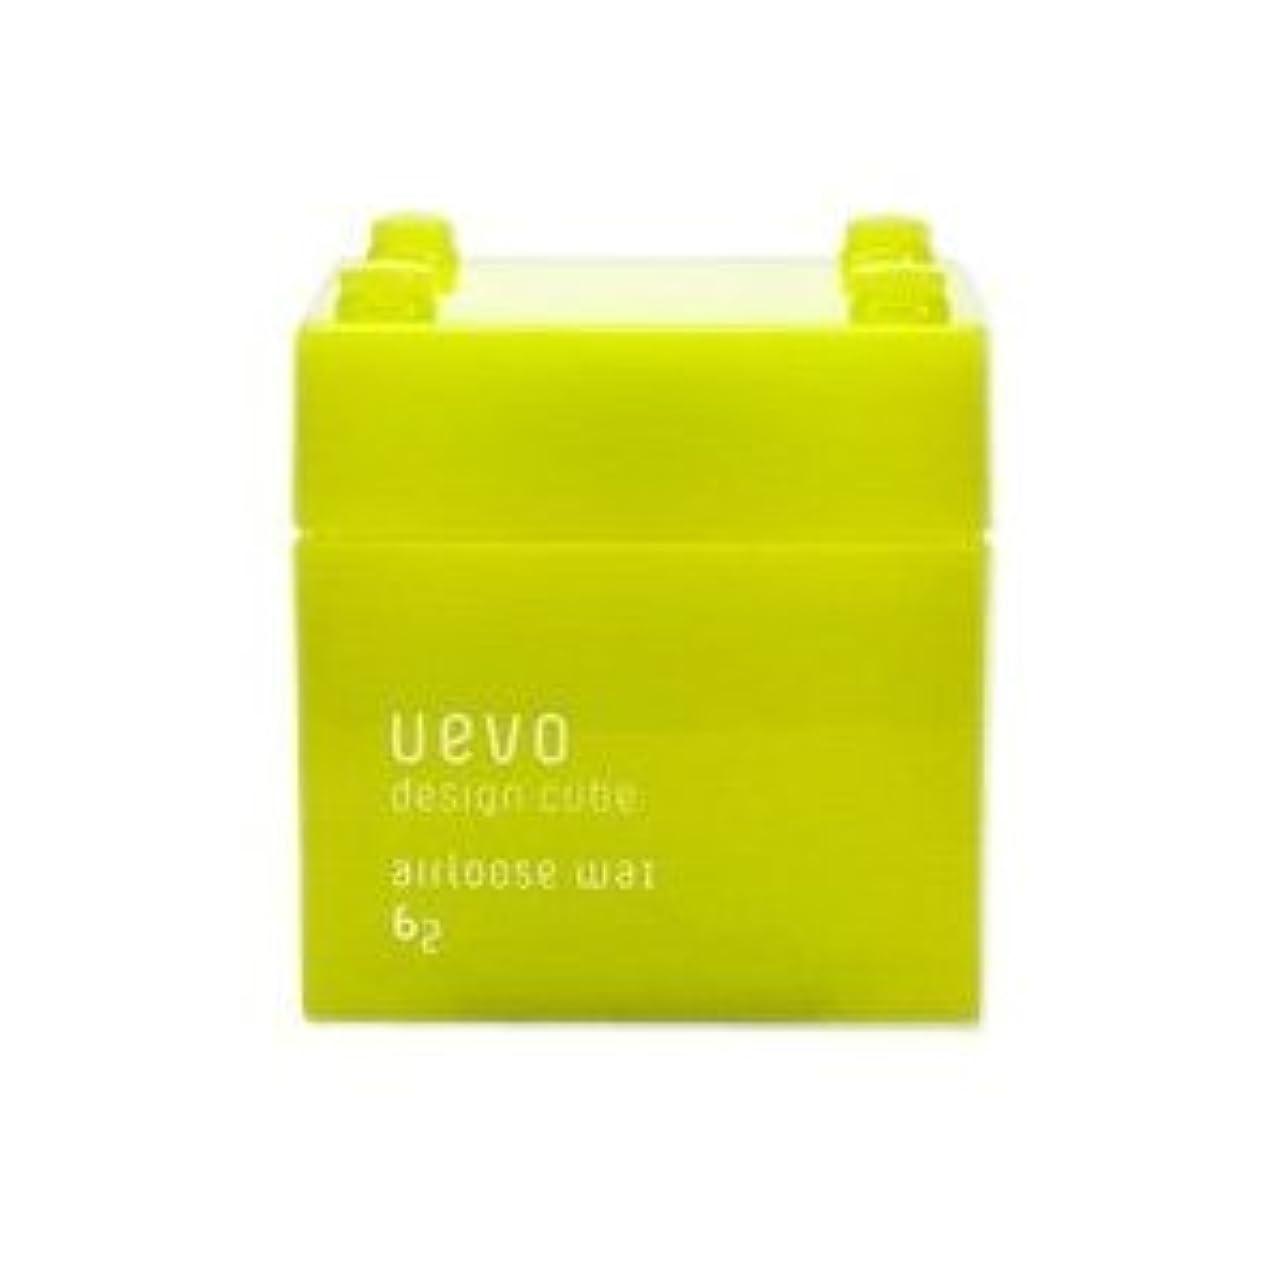 どきどき不適緊張する【X2個セット】 デミ ウェーボ デザインキューブ エアルーズワックス 80g airloose wax DEMI uevo design cube